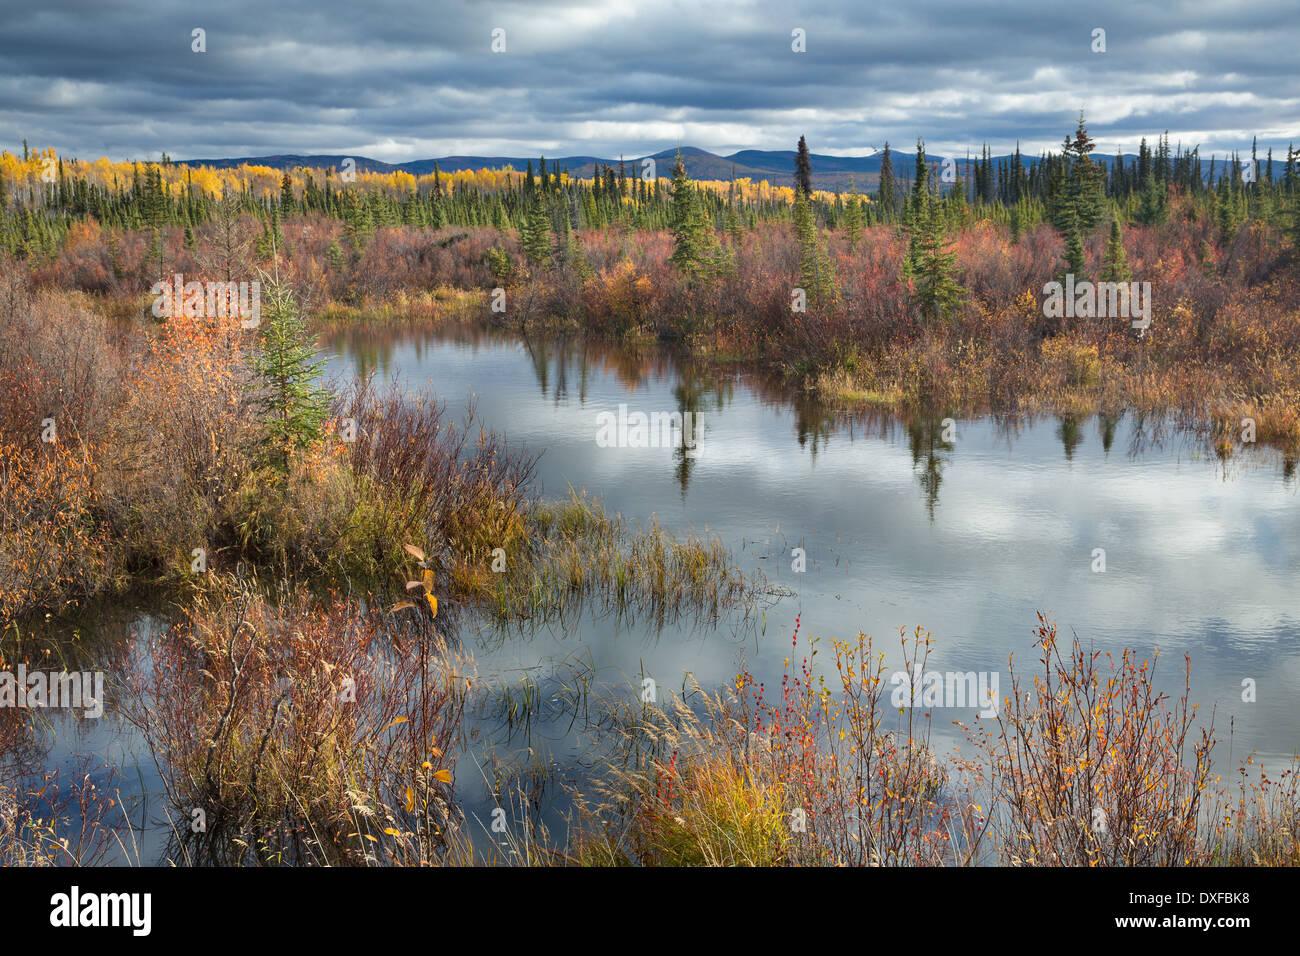 Herbstfarben in den borealen Wald auf der Silver Spur in der Nähe von Mayo, Yukon Territorien, Kanada Stockbild